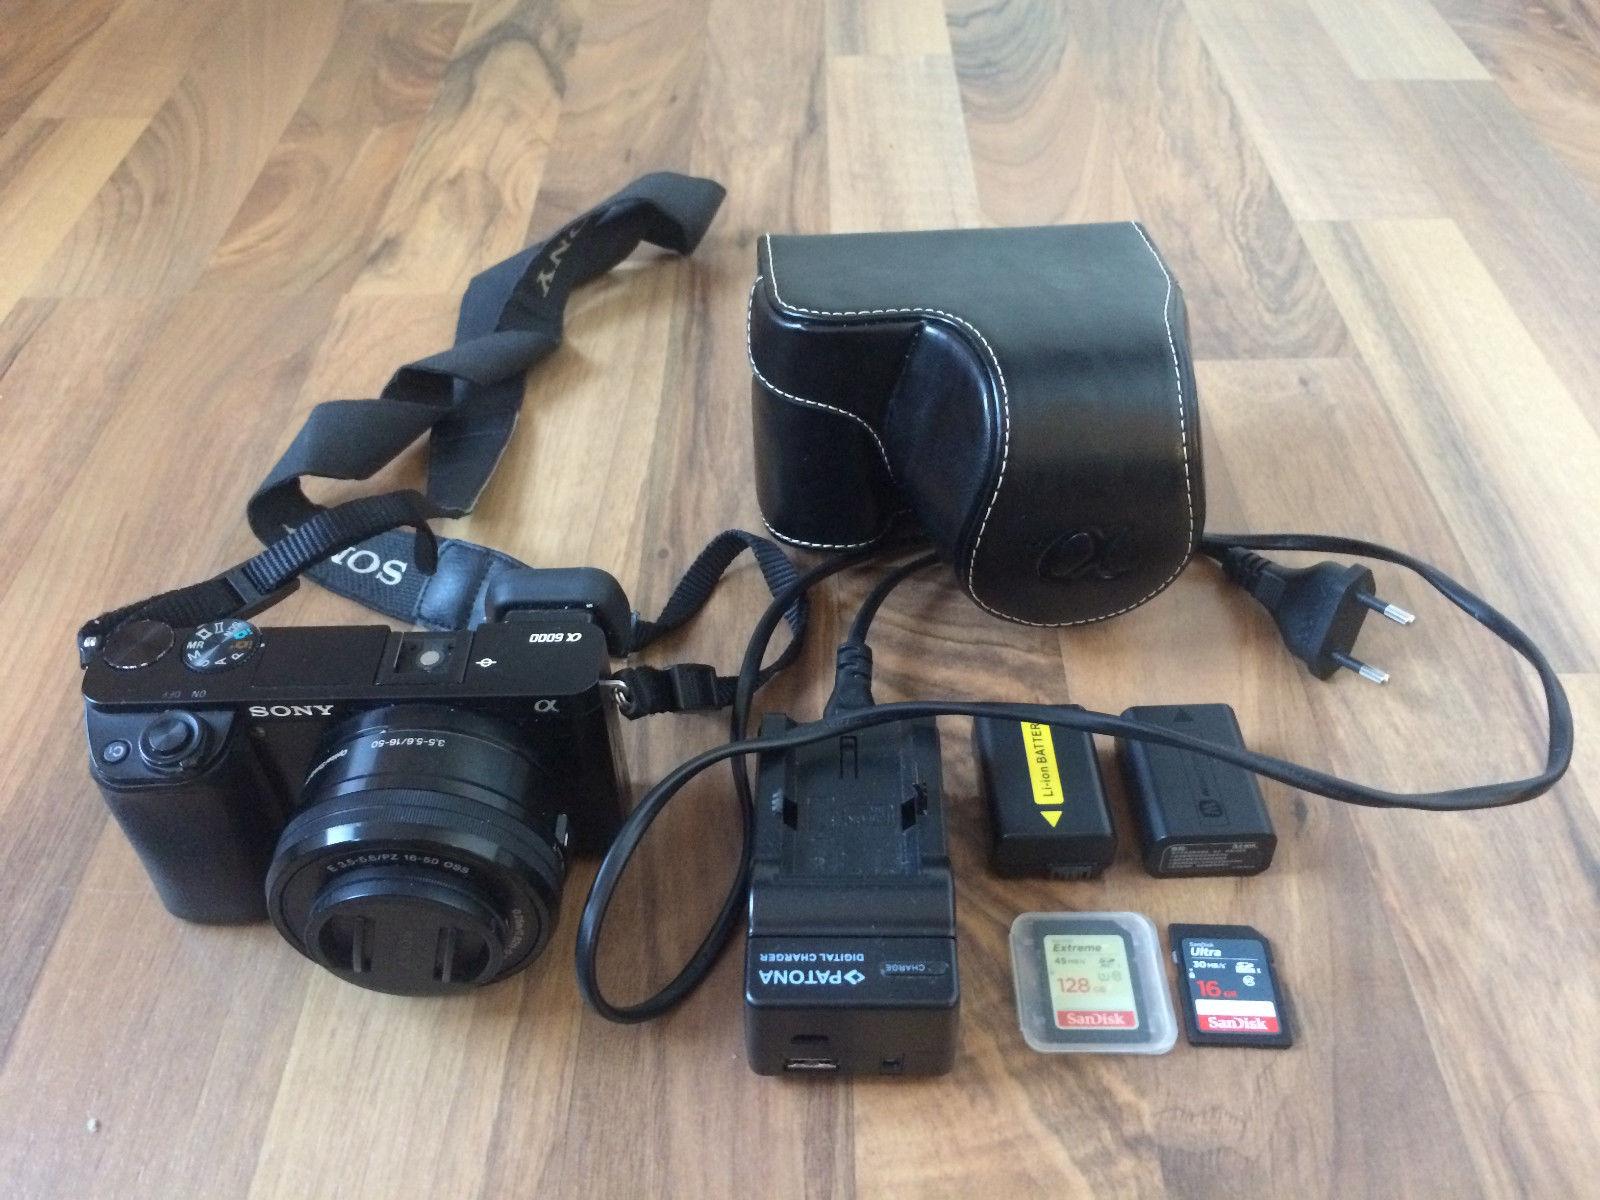 Sony Alpha 6000 ILCE-6000 mit Zubehörpaket Tasche Ladegerät Akku 128GB + 12GB